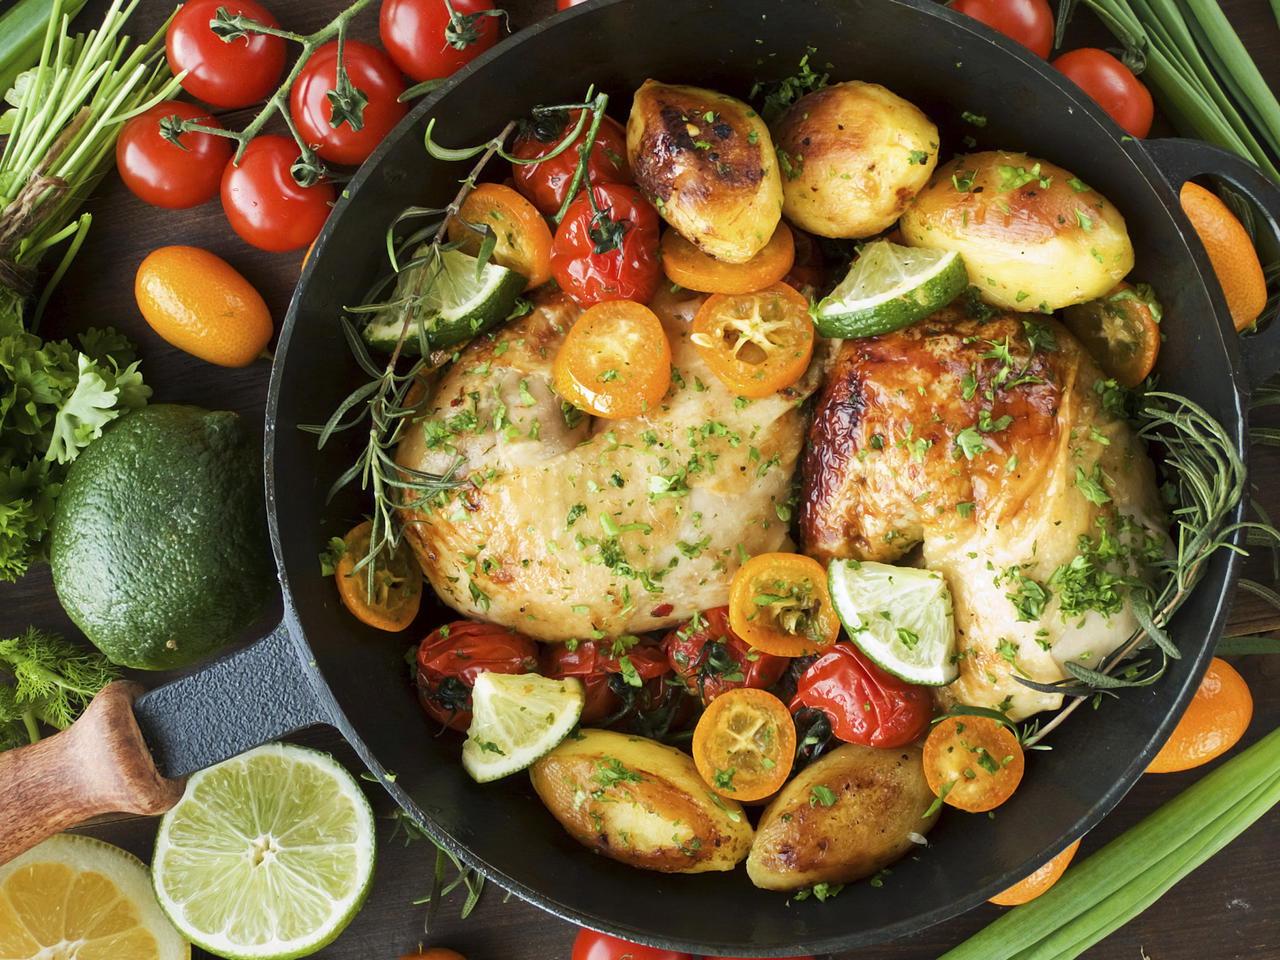 Poulet croustillant aux tomates et aux aspergesune idée de recette super facile pour un dîner d'été